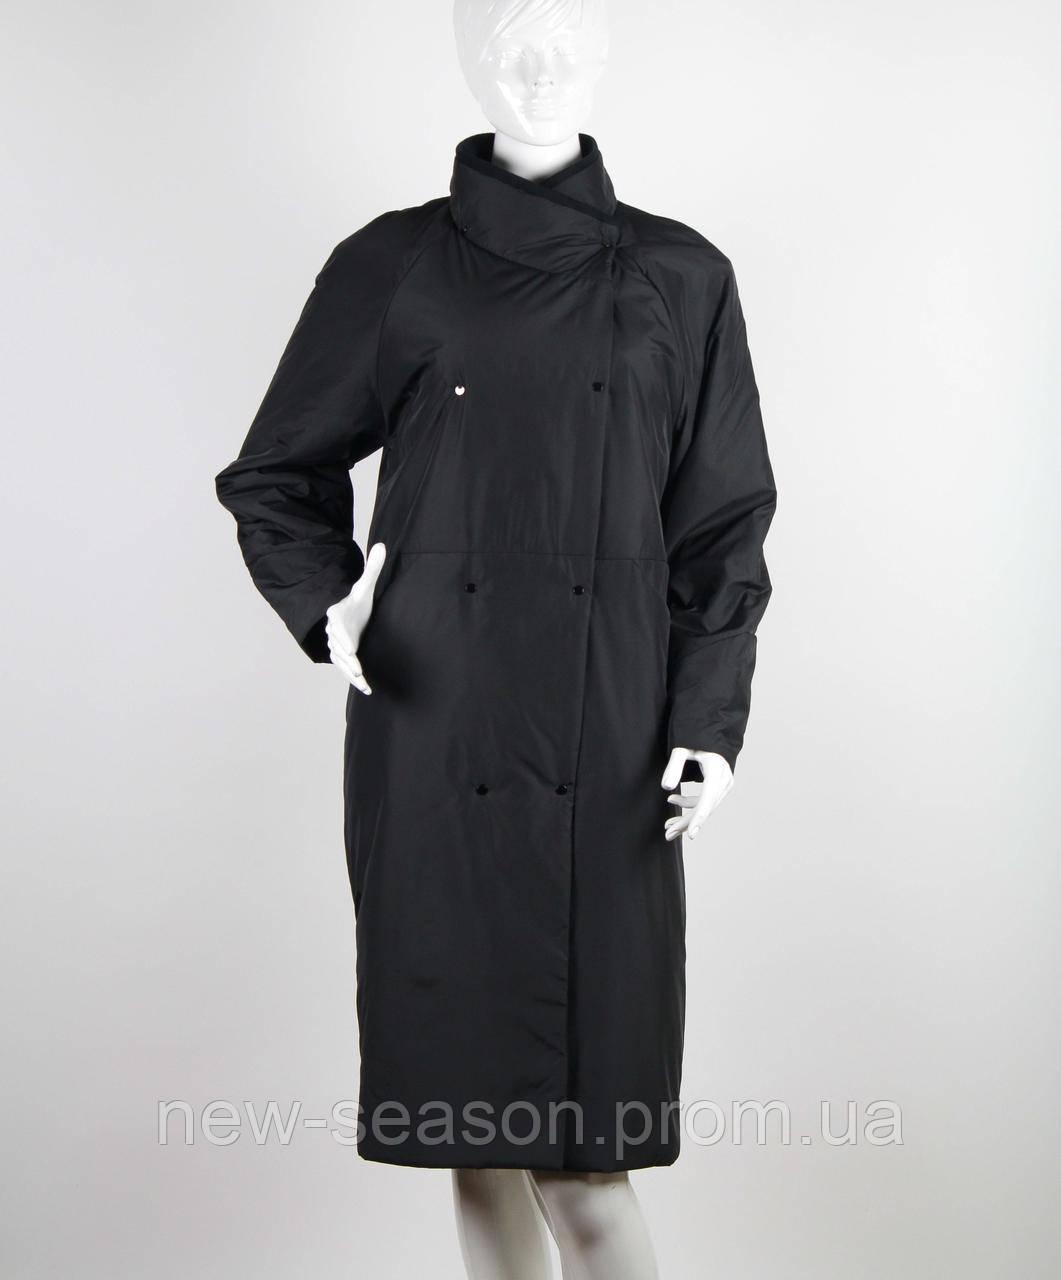 Пальто демисезонное Button J108-923 черный